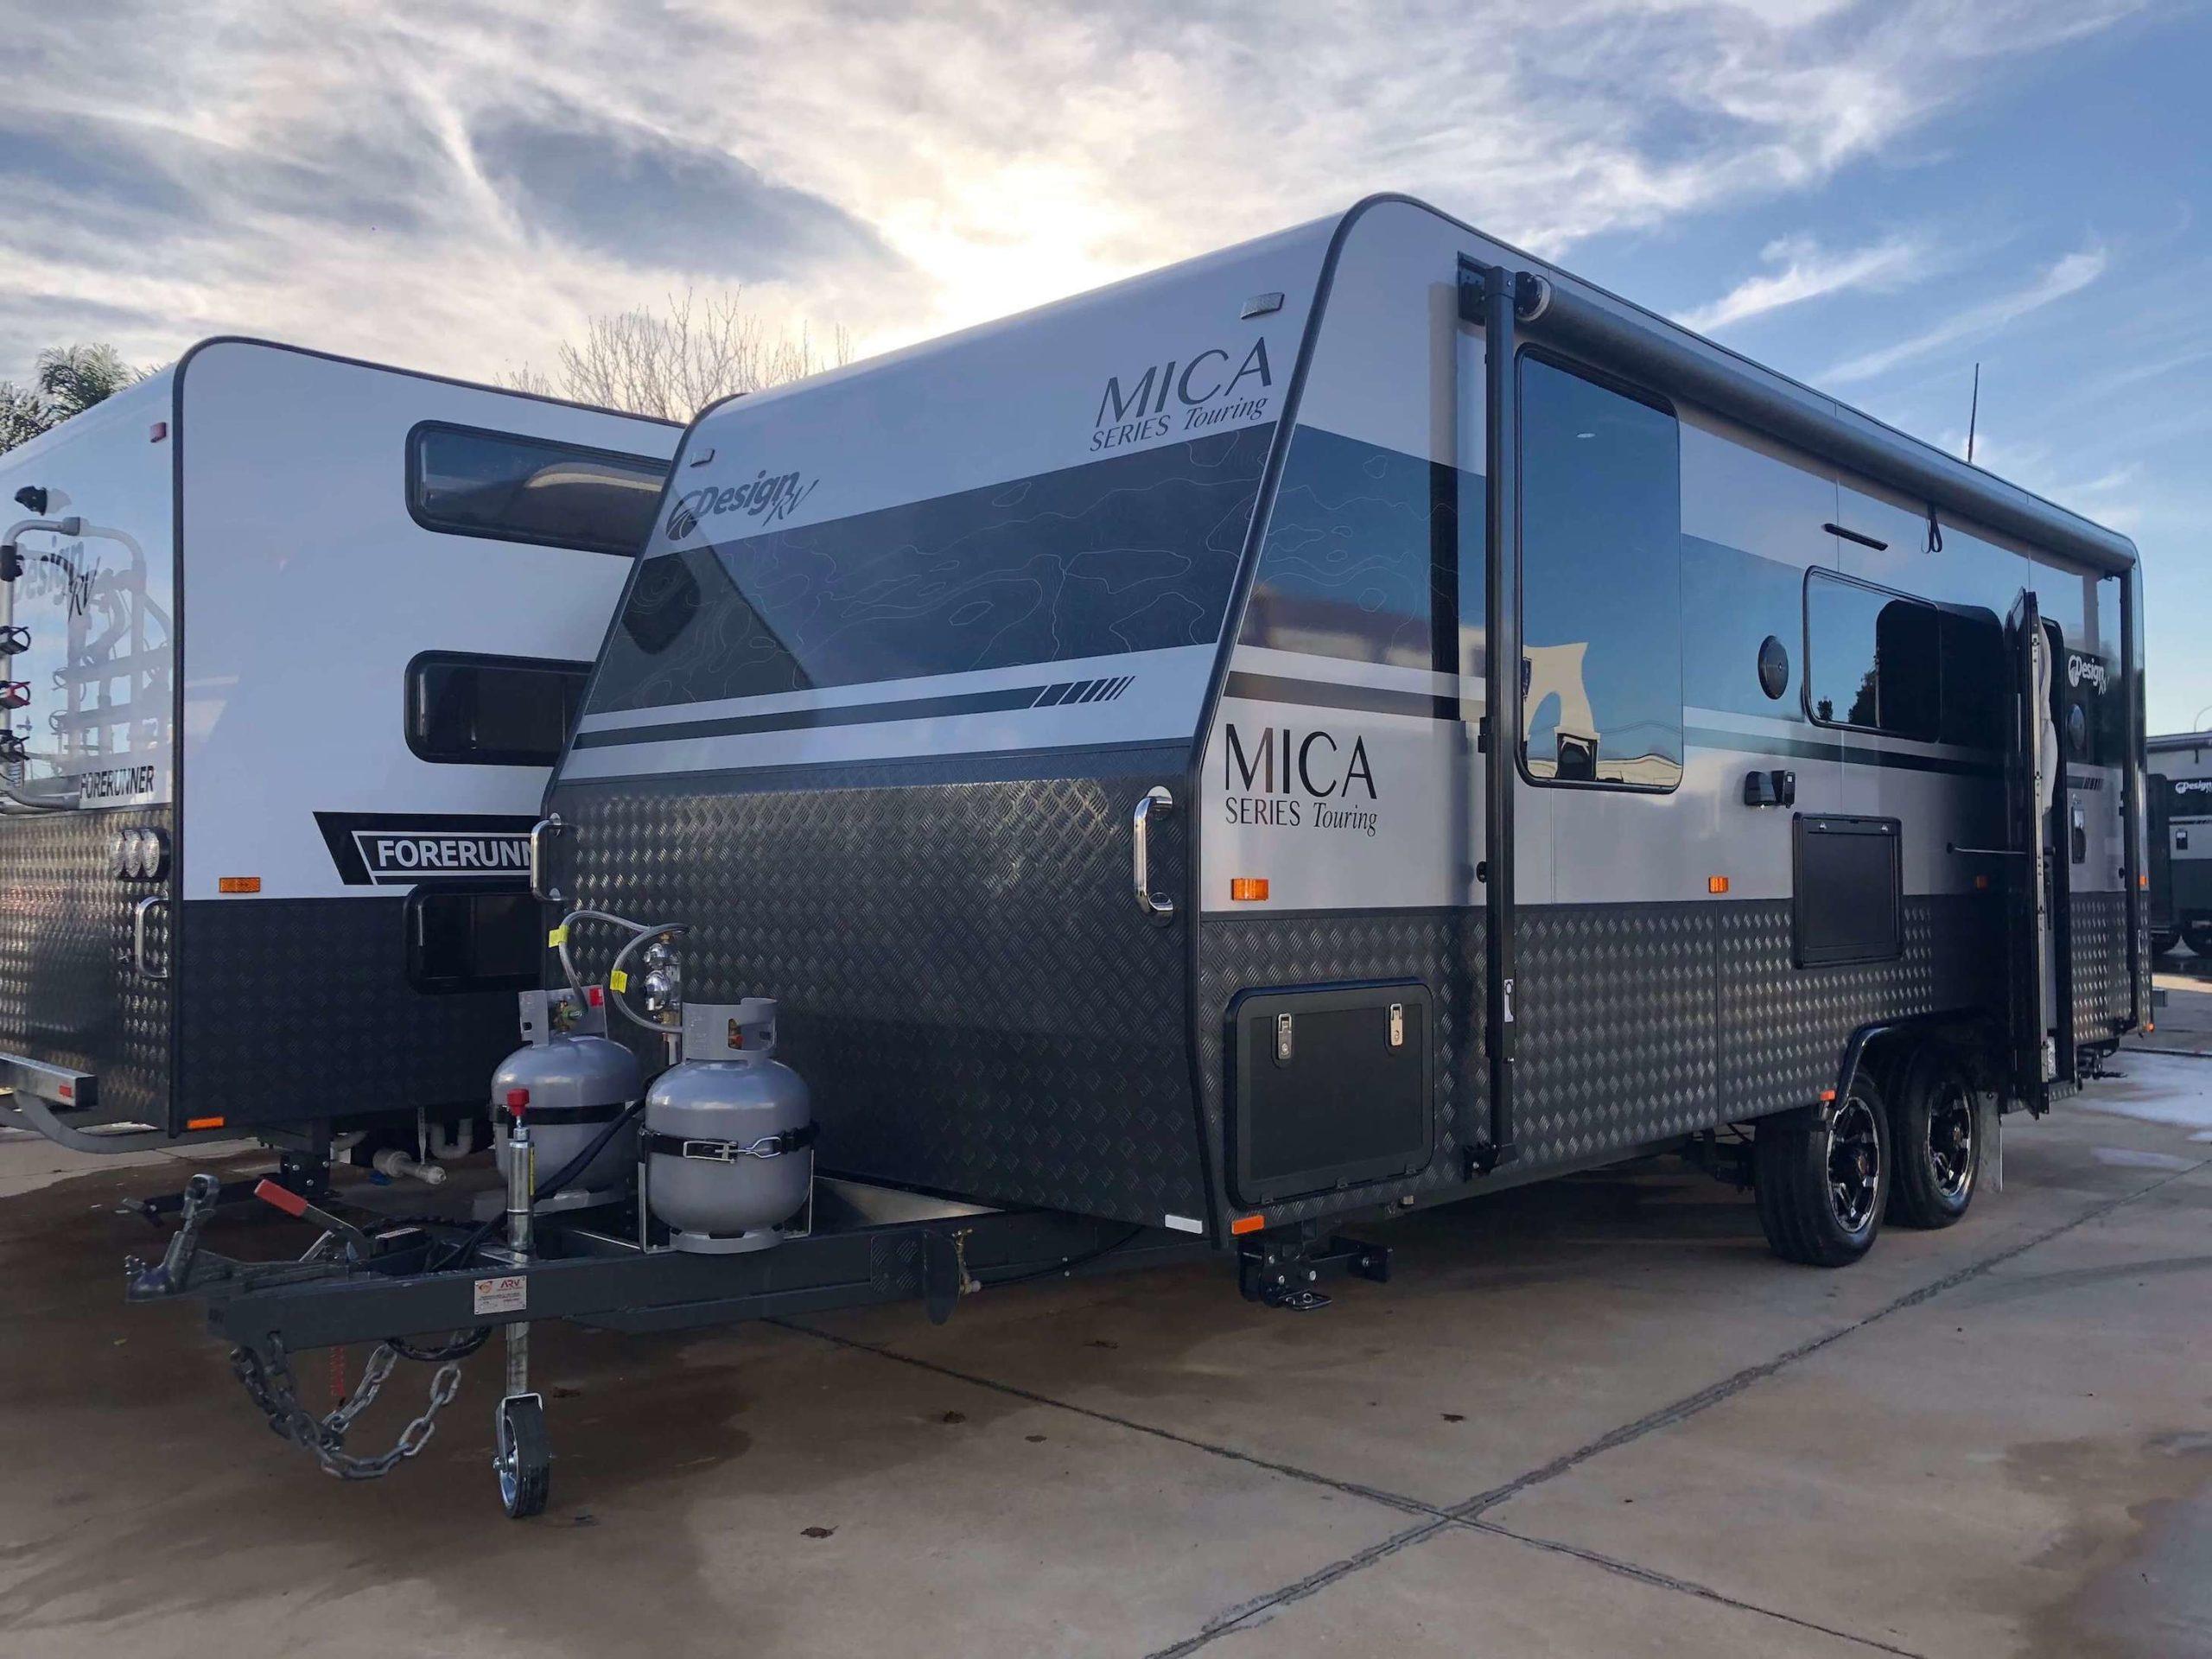 2021 Design RV MICA 5-2 21